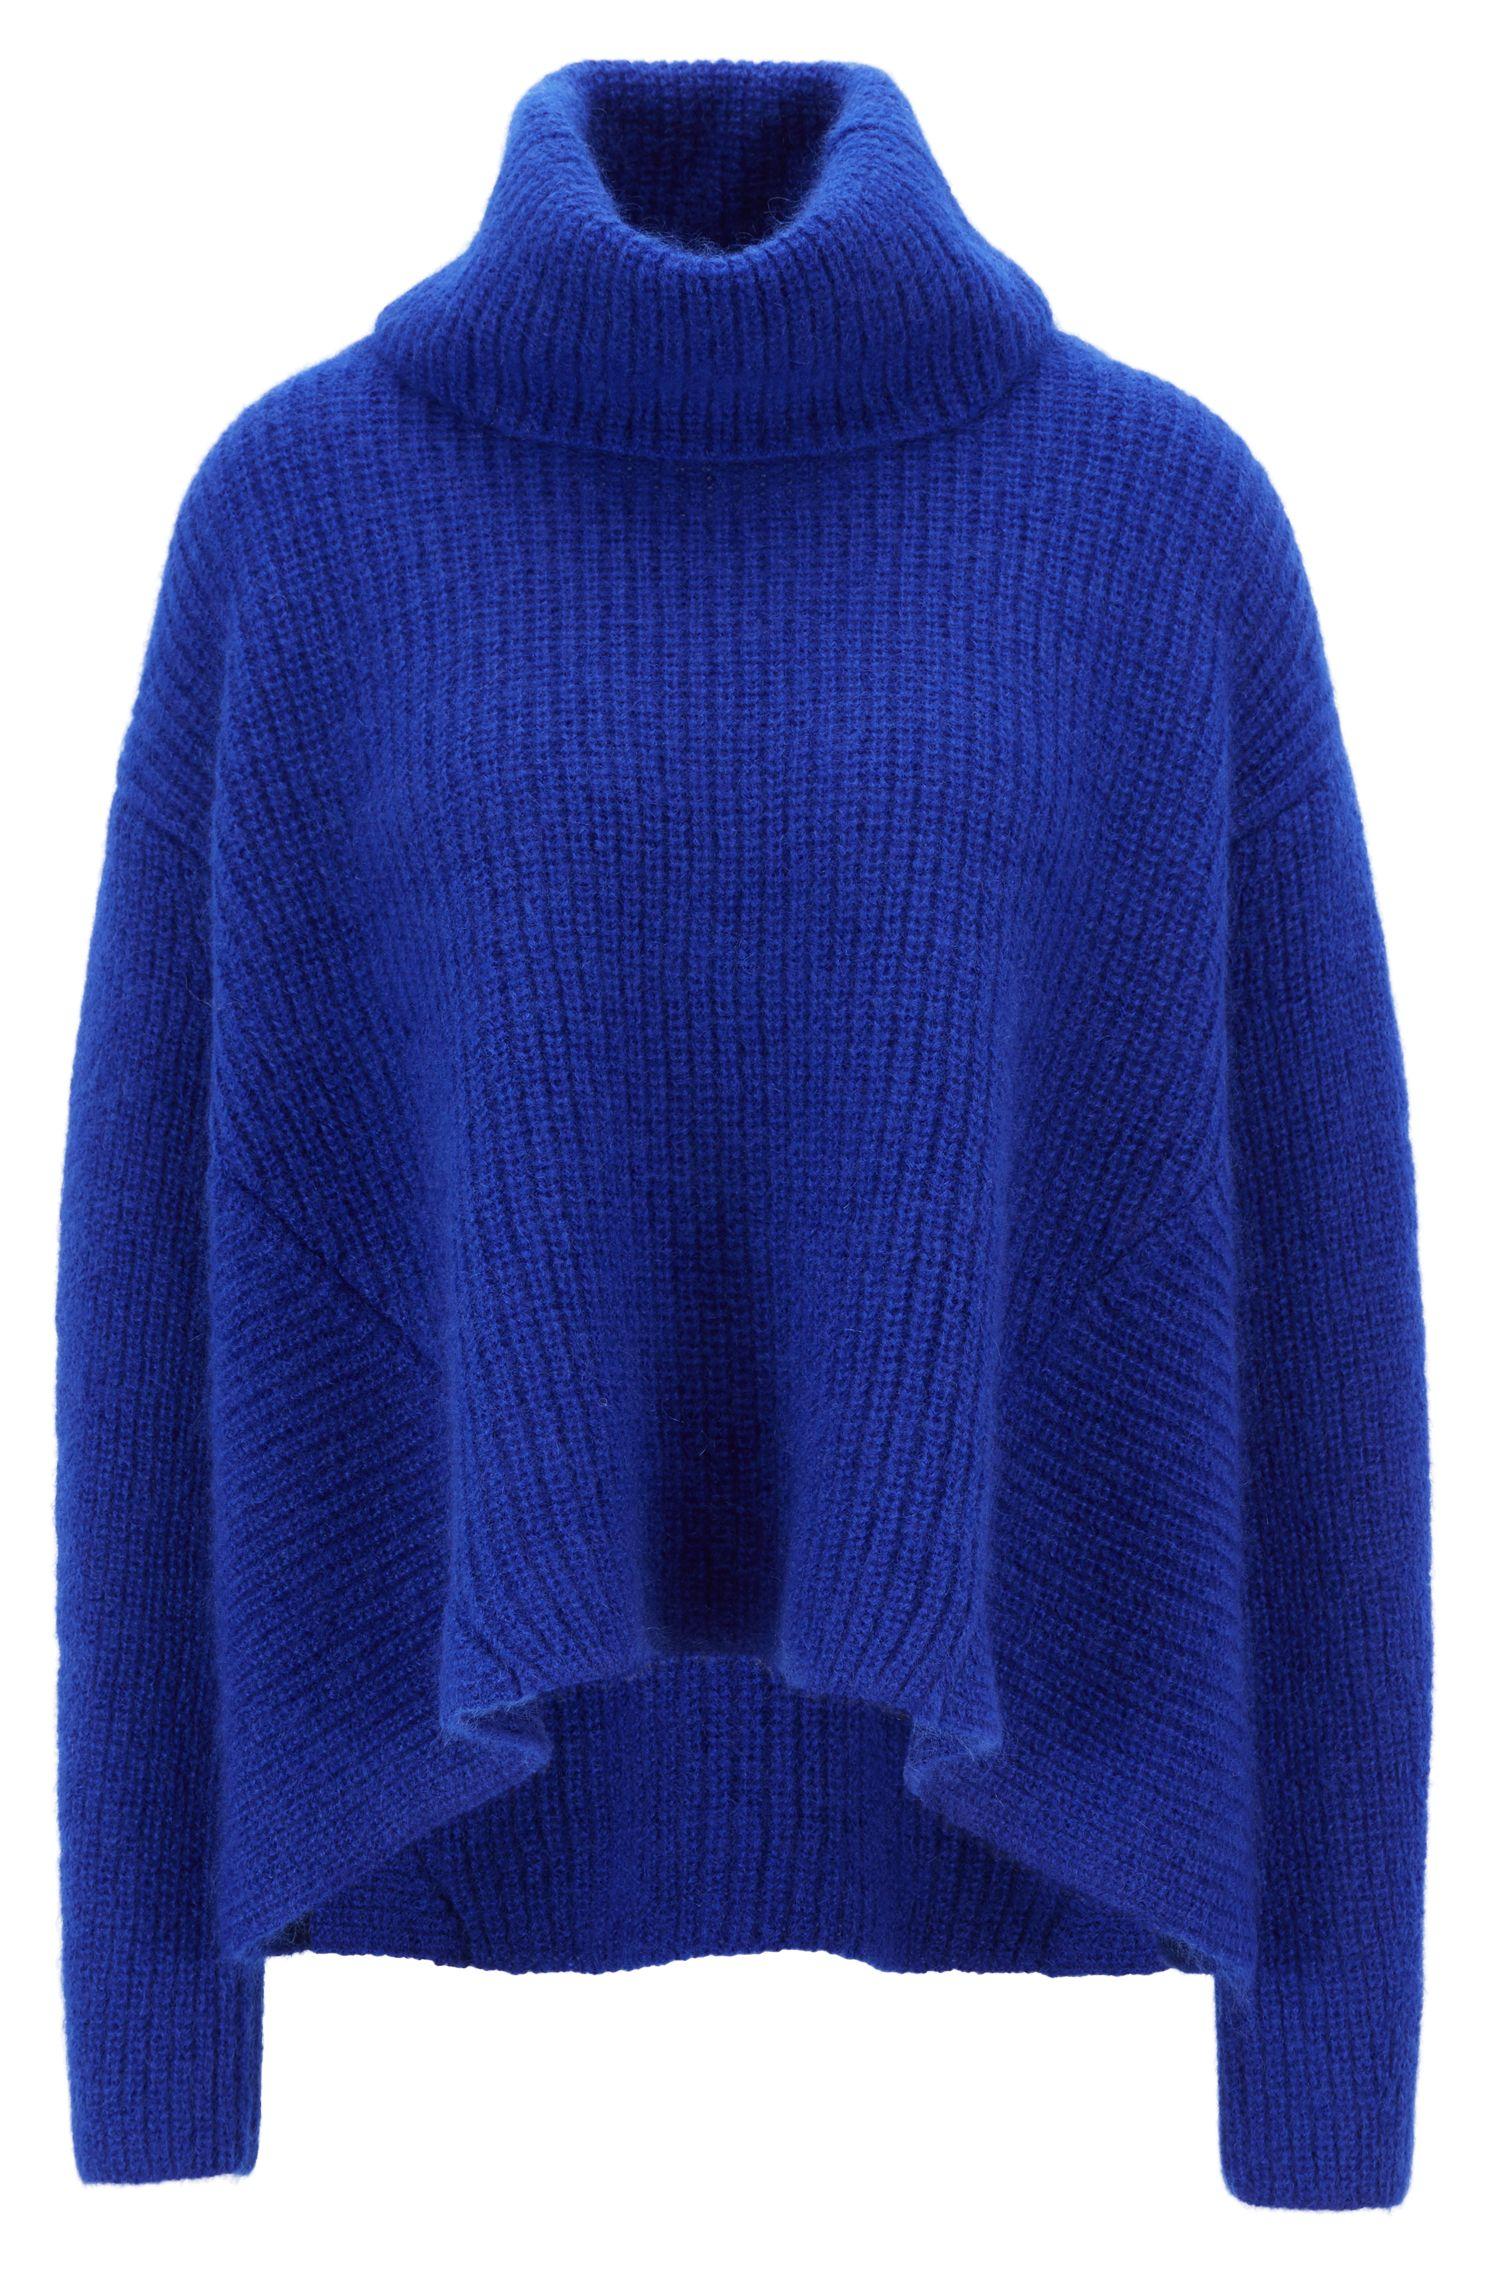 Oversized Pullover aus Woll-Mix aus der Gallery Kollektion, Blau